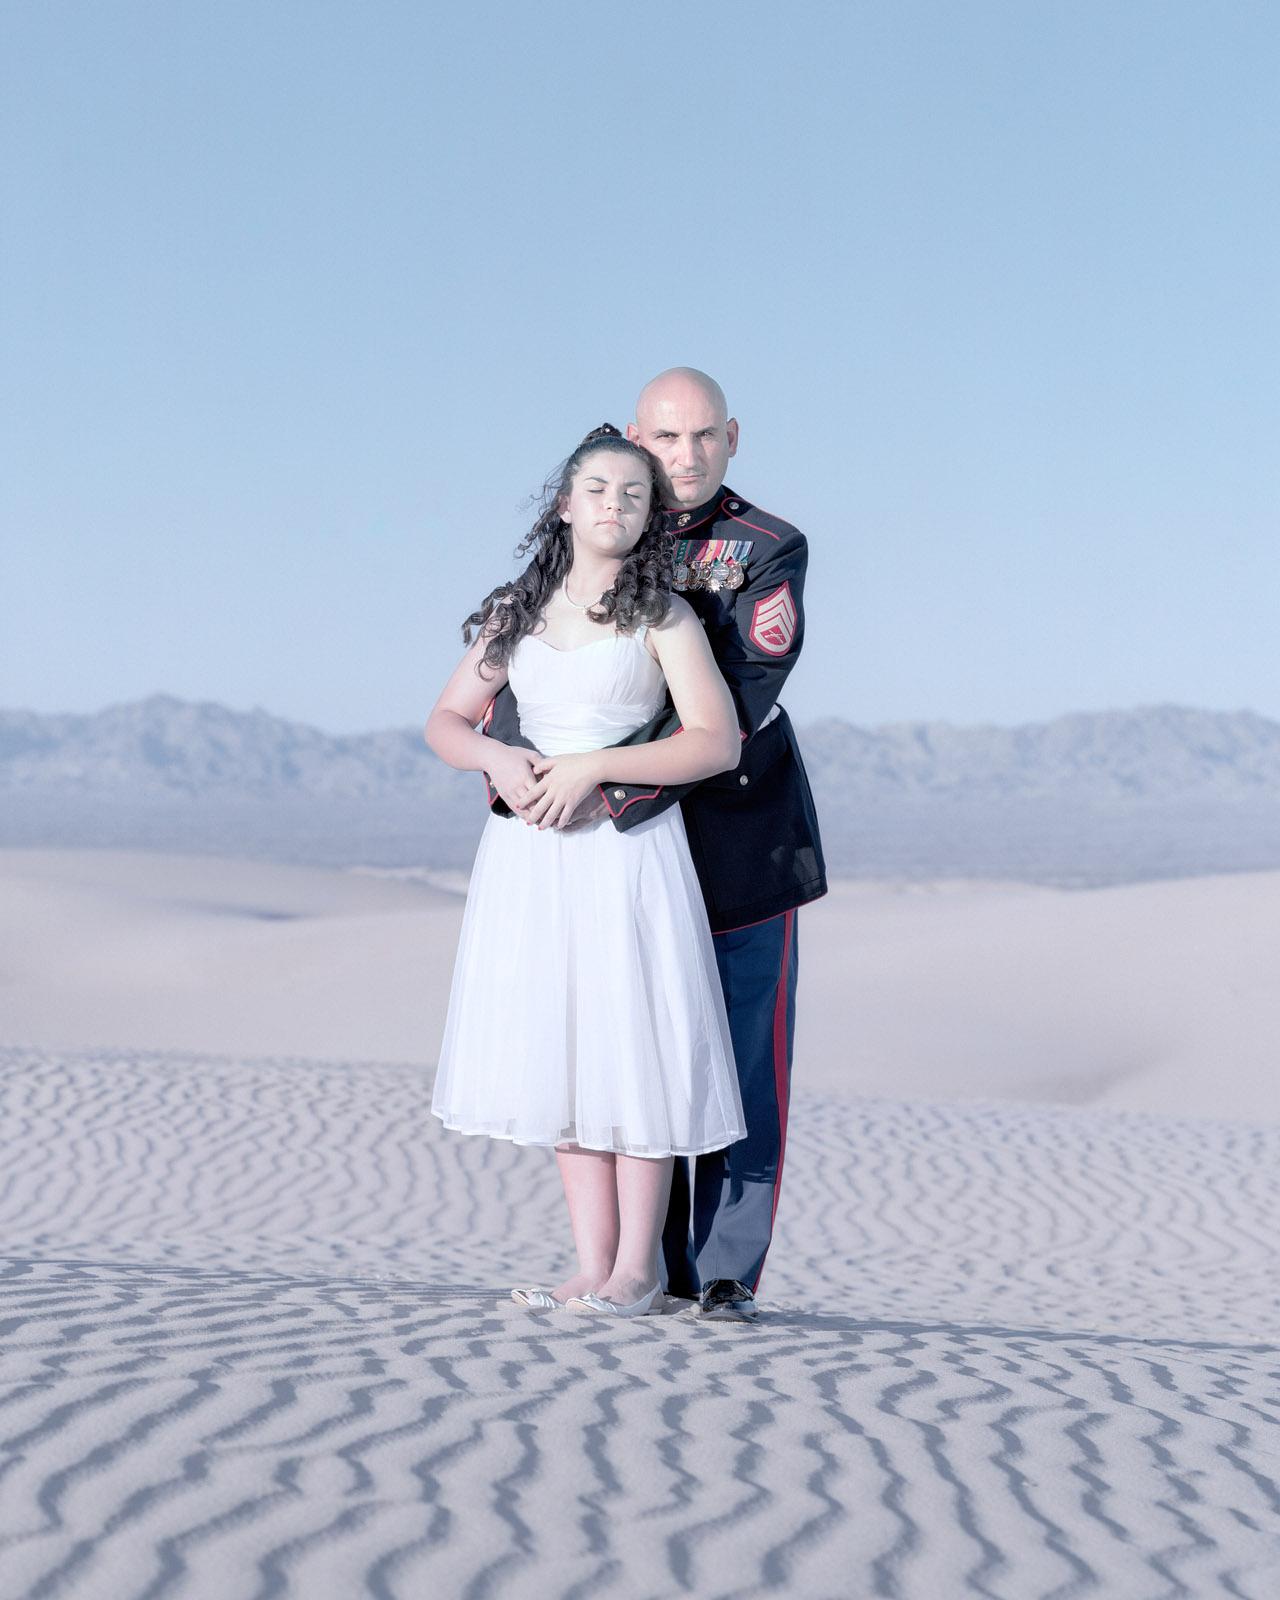 Miranda & Jody Heckert, Yuma, Arizona